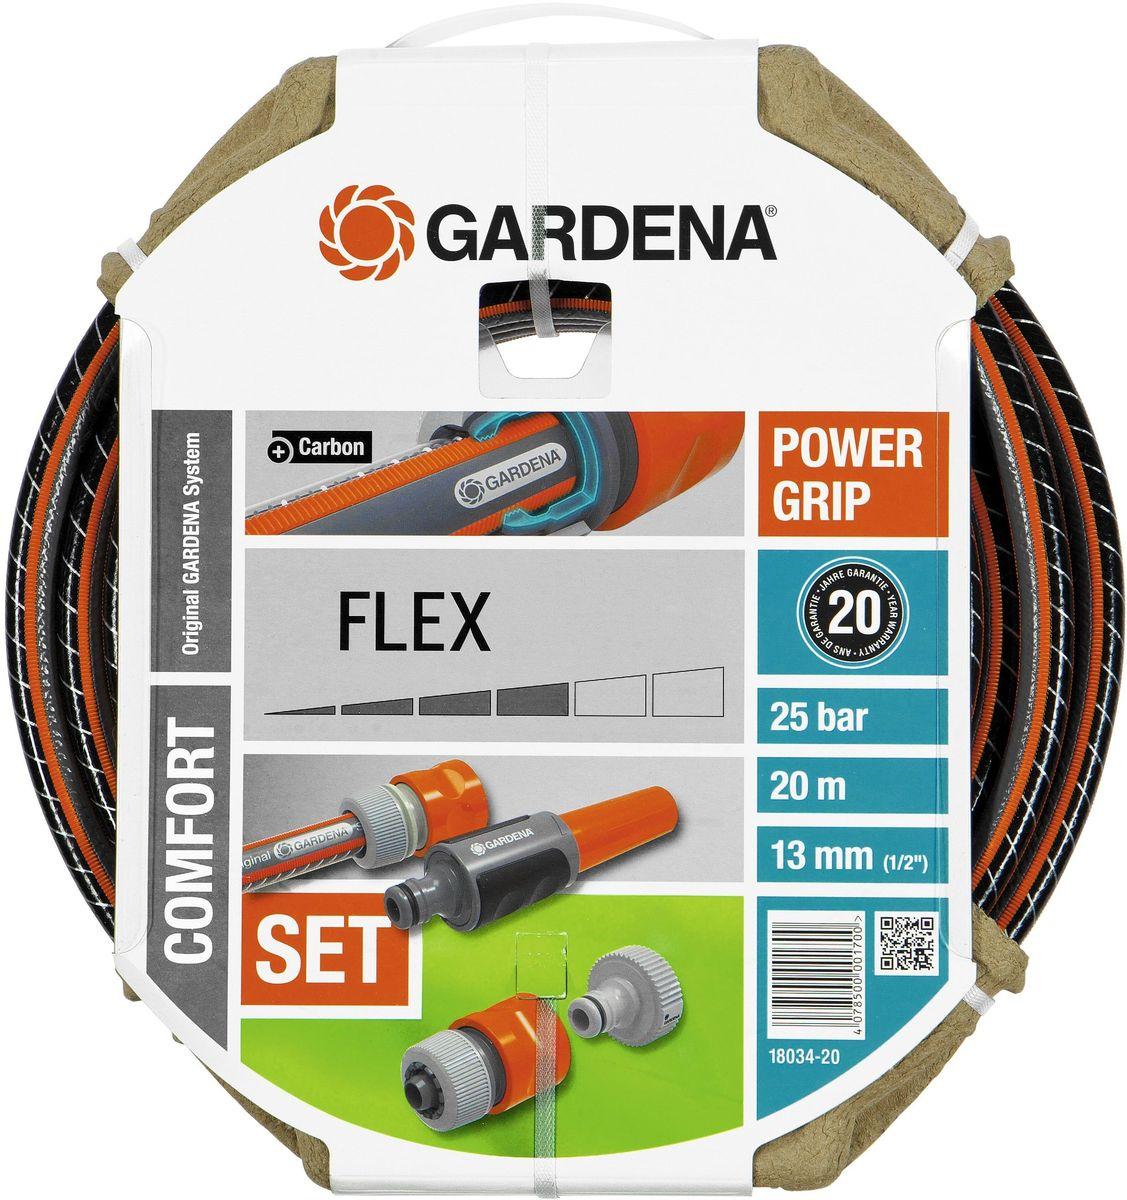 Шланг Gardena Flex 9x9, 1/2 х 20 м, комплект. 18034-20.000.0018034-20.000.00В комплект входит Шланг GARDENA FLEX и необходимые фитинги. Профиль Power Grip для идеального соединения с коннекторами Базовой системы полива. Благодаря двум переплетающимся нитям, шланг стал устойчивее к высокому давлению и сохранению формы. Шланг не содержит фталаты и тяжелые металлы, и невосприимчив к УФ-излучению. Толстые стенки шланга обеспечивают длительный срок службы и безопасность использования. Состав набора: 1 х Штуцер резьбовой, 1 х Адаптер, 1 х Коннектор стандартный, 1 х Коннектор с автостопом и наконечник для полива. 1/220м